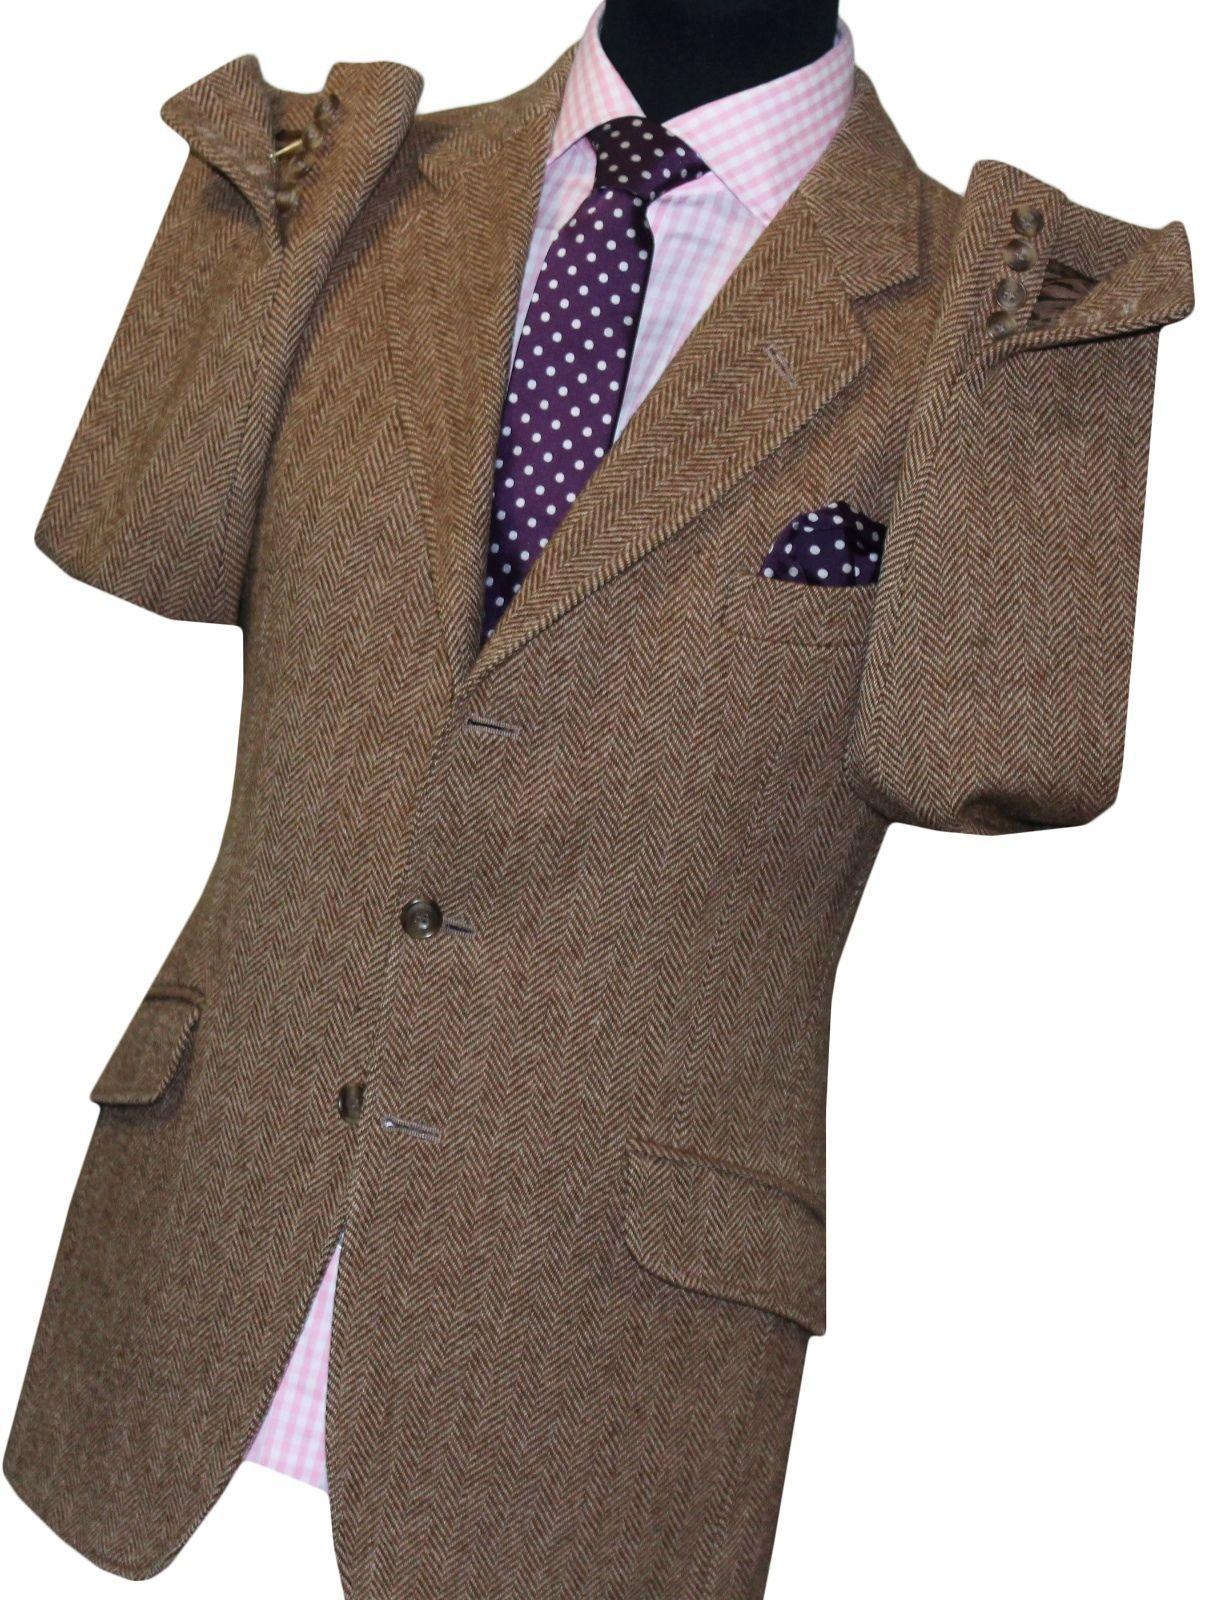 Hackett London New Mens Bespoke Brown Herringbone Tweed Blazer Suit Jacket Uk 42 Ebay Jackets Uk Suit Jacket Tweed Blazer